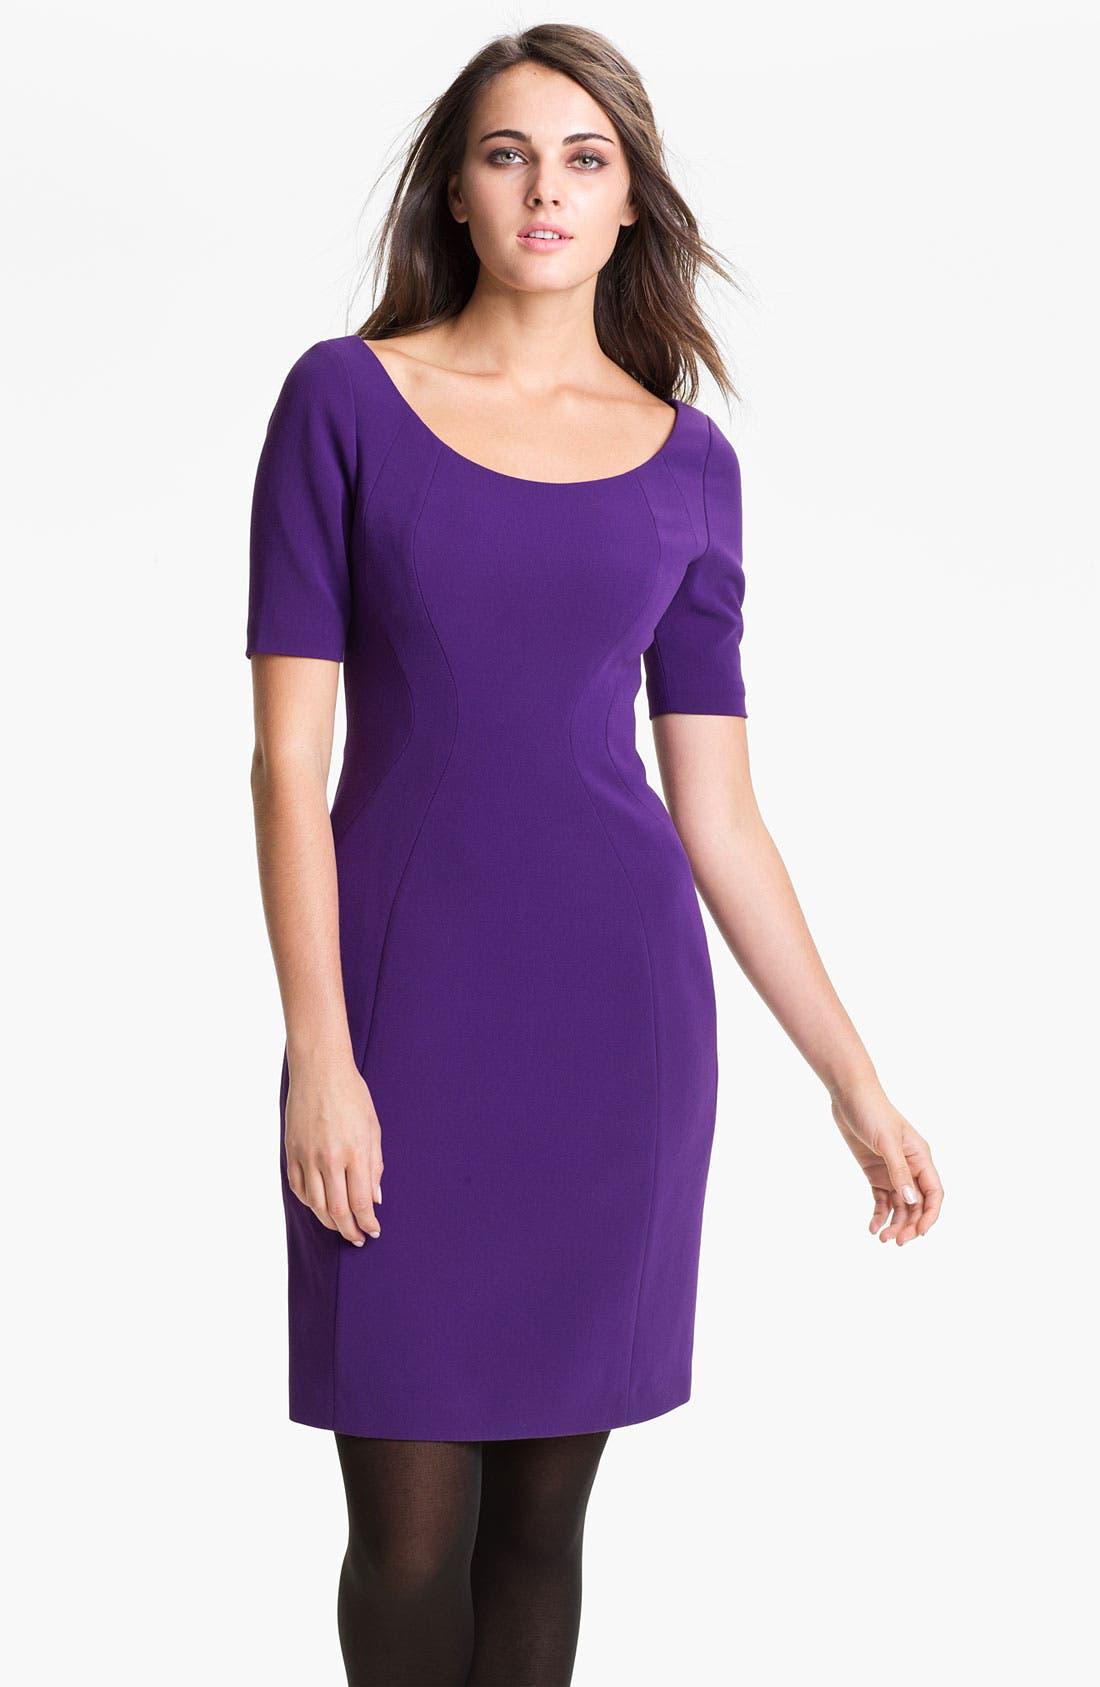 Alternate Image 1 Selected - T Tahari 'Pepita' Dress (Petite)